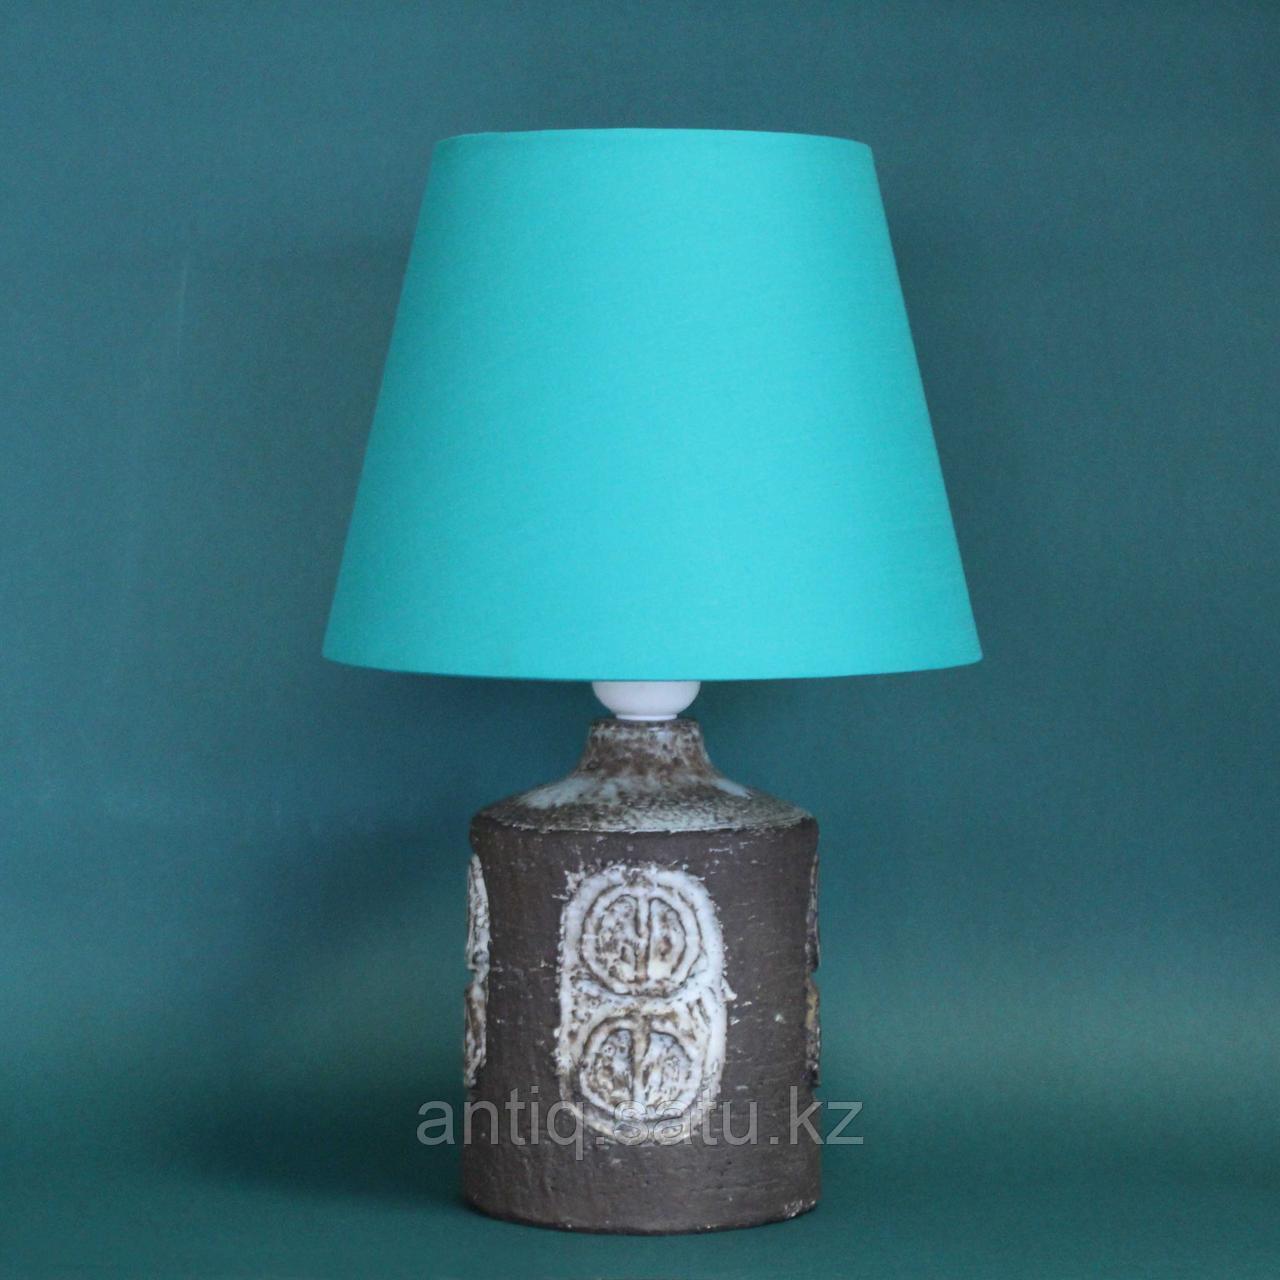 Дизайнерская настольная лампа из керамики. Производство Sejer Unic Keramik - фото 2